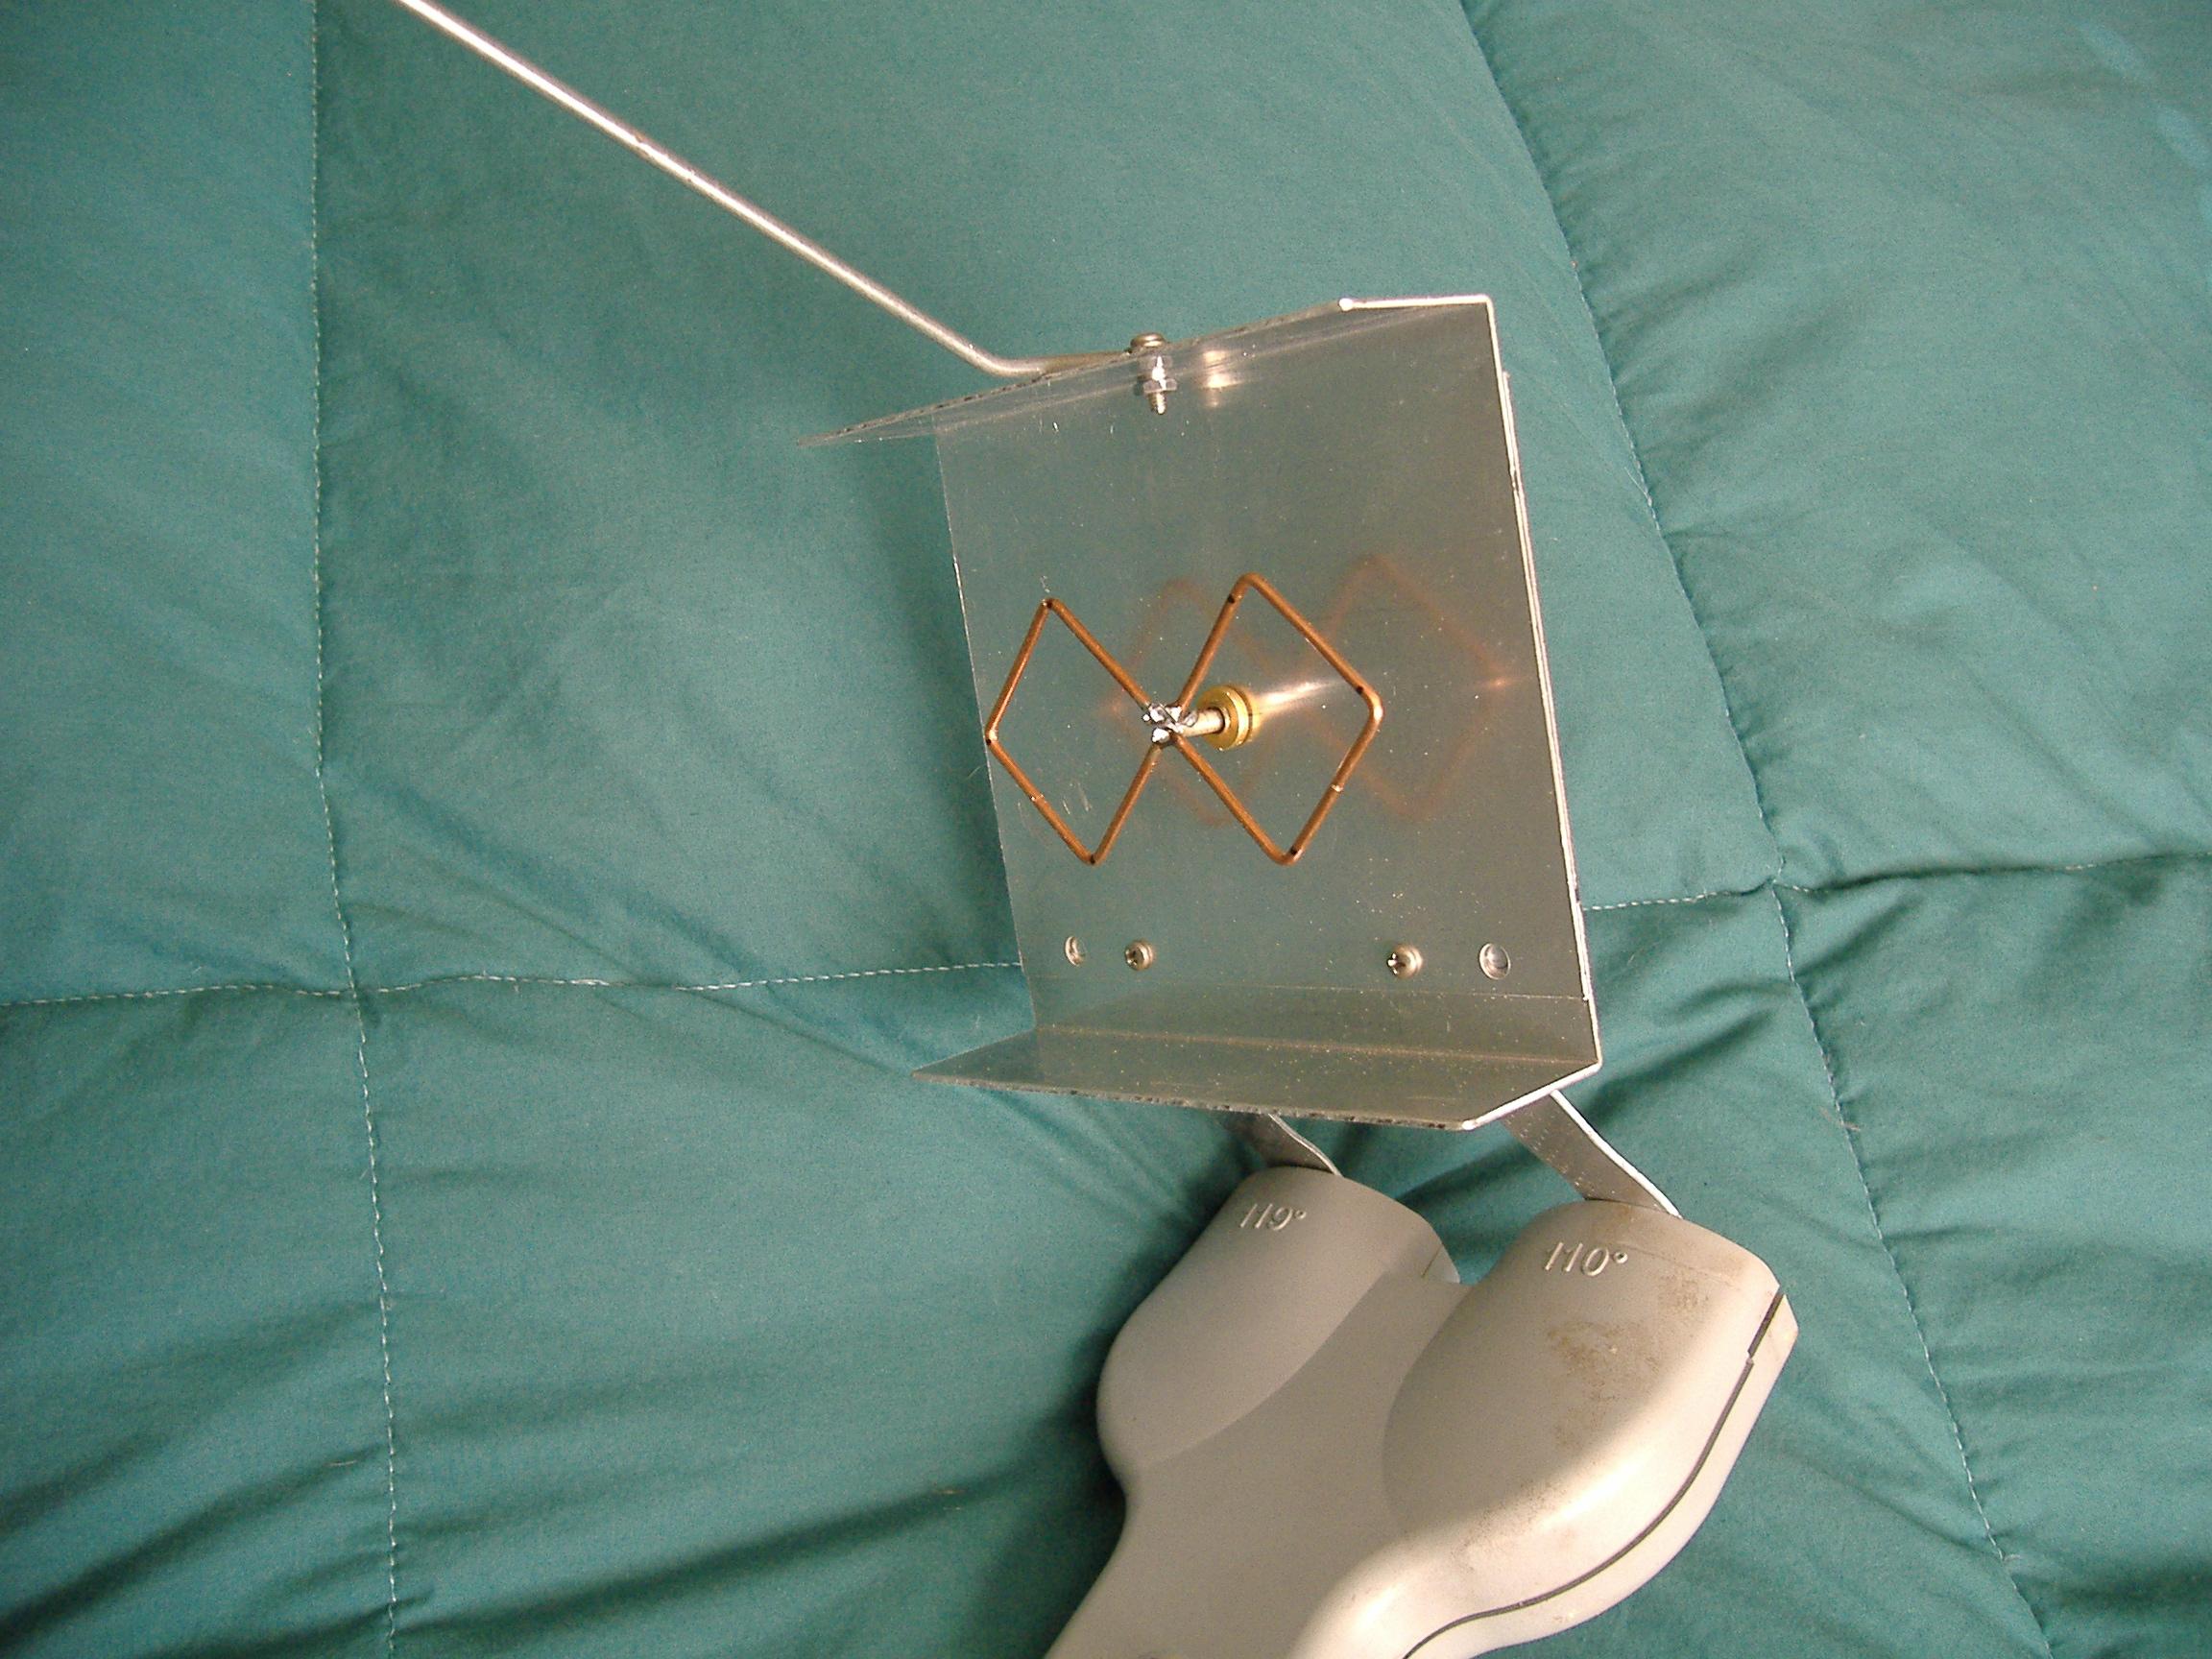 Самодельная антенна для wi-fi-роутера двойной квадрат